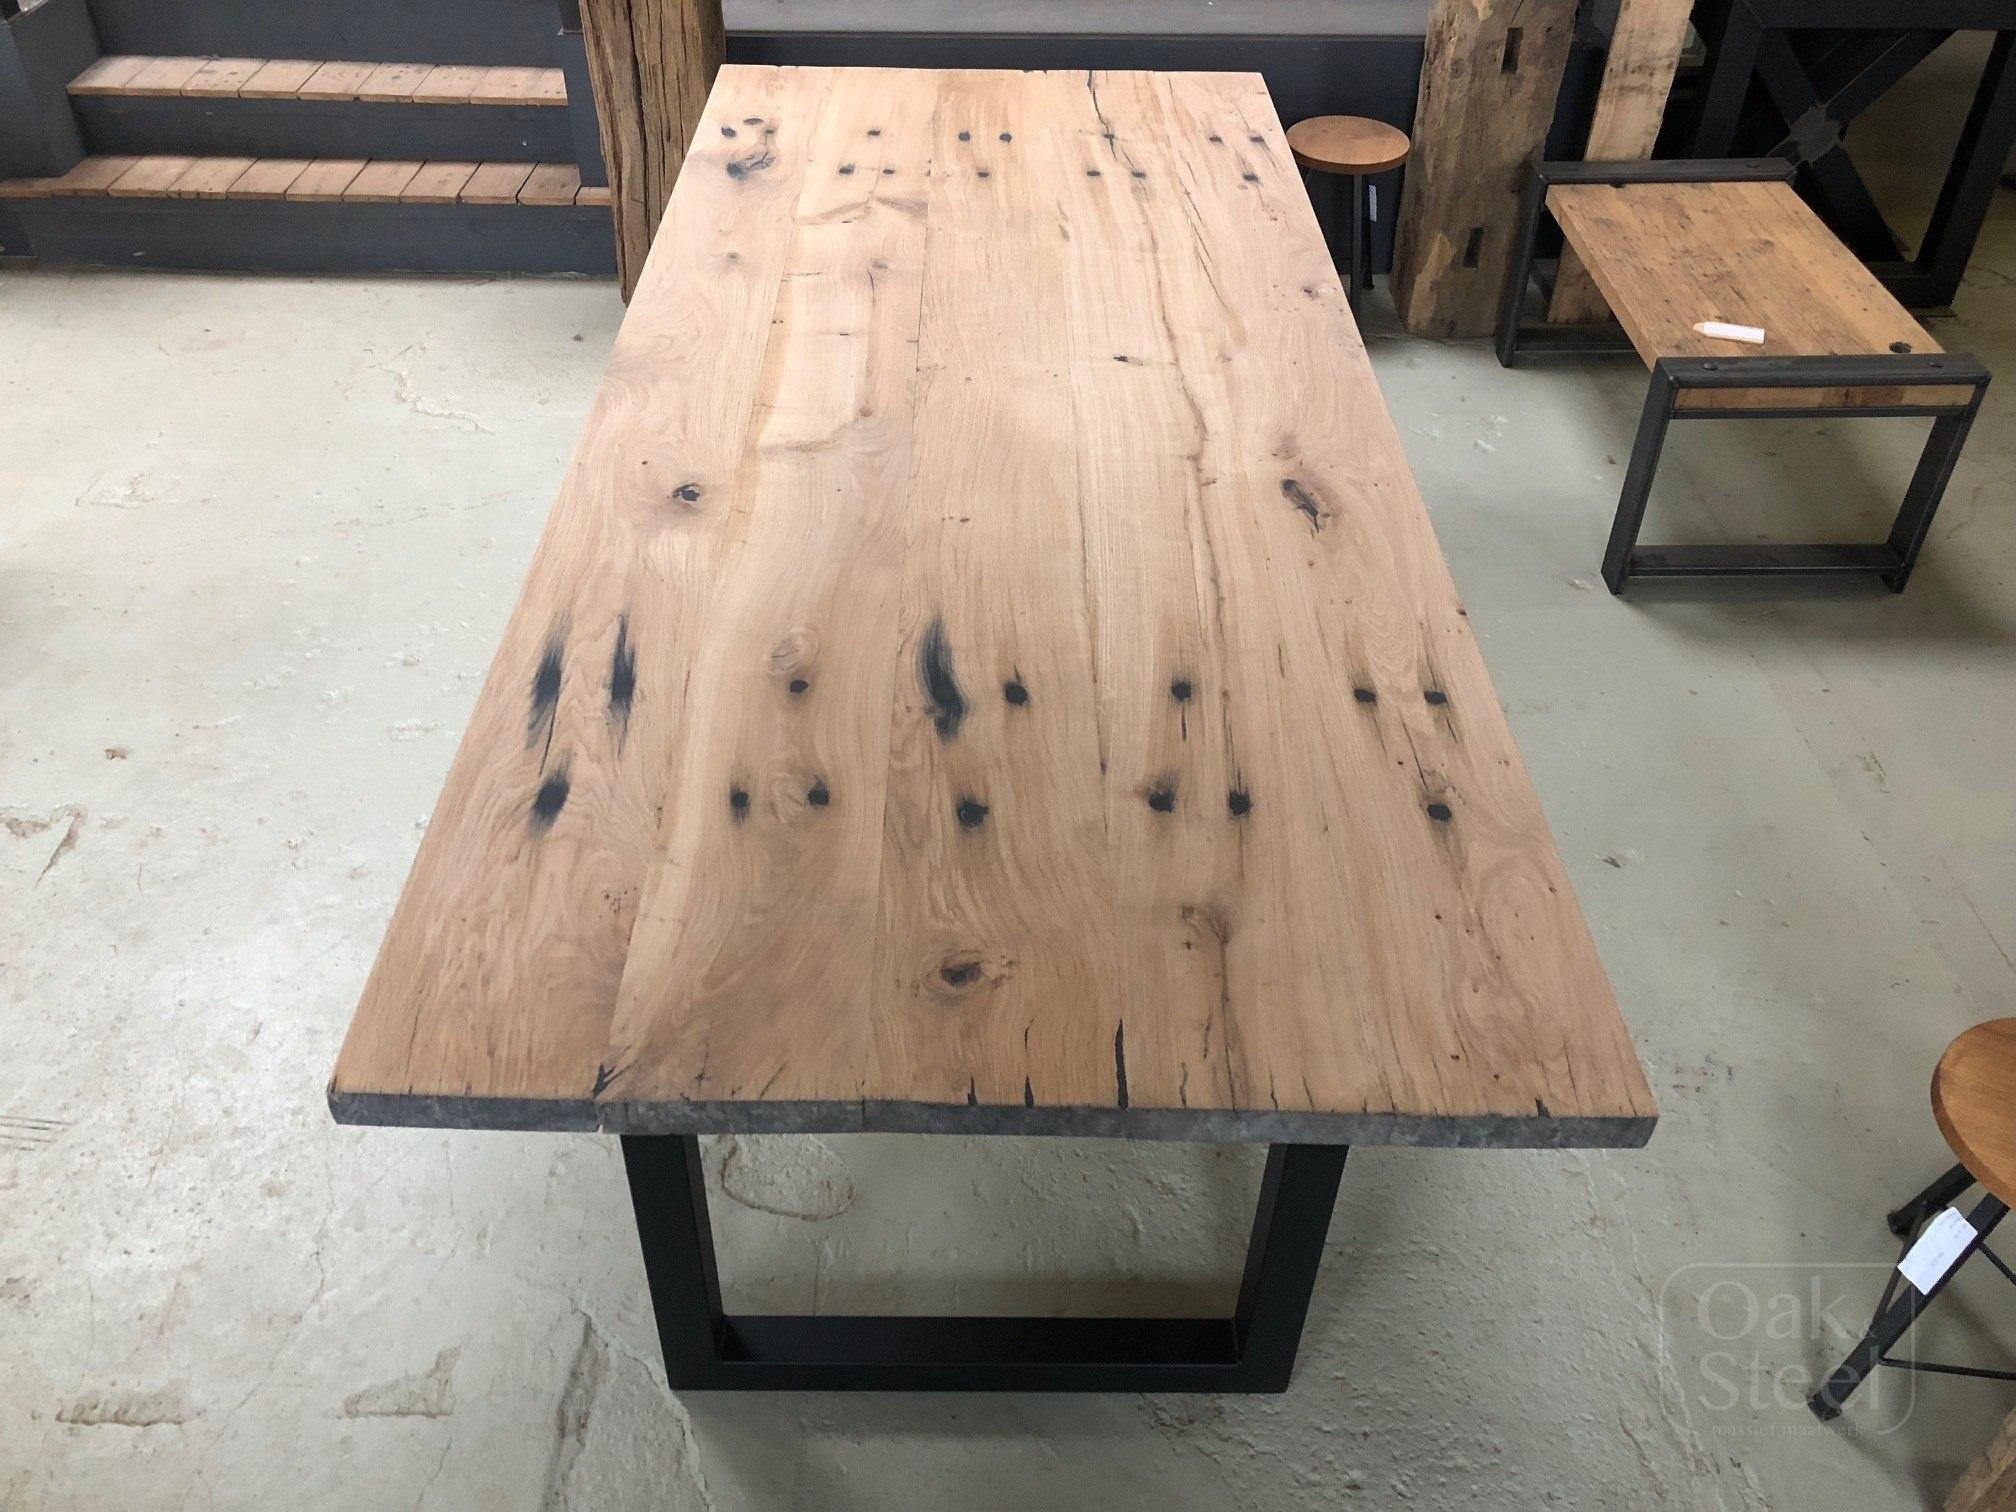 Robuuste Industriele Tafels.Industriele Eettafel Spoorbielzen Oak Steel